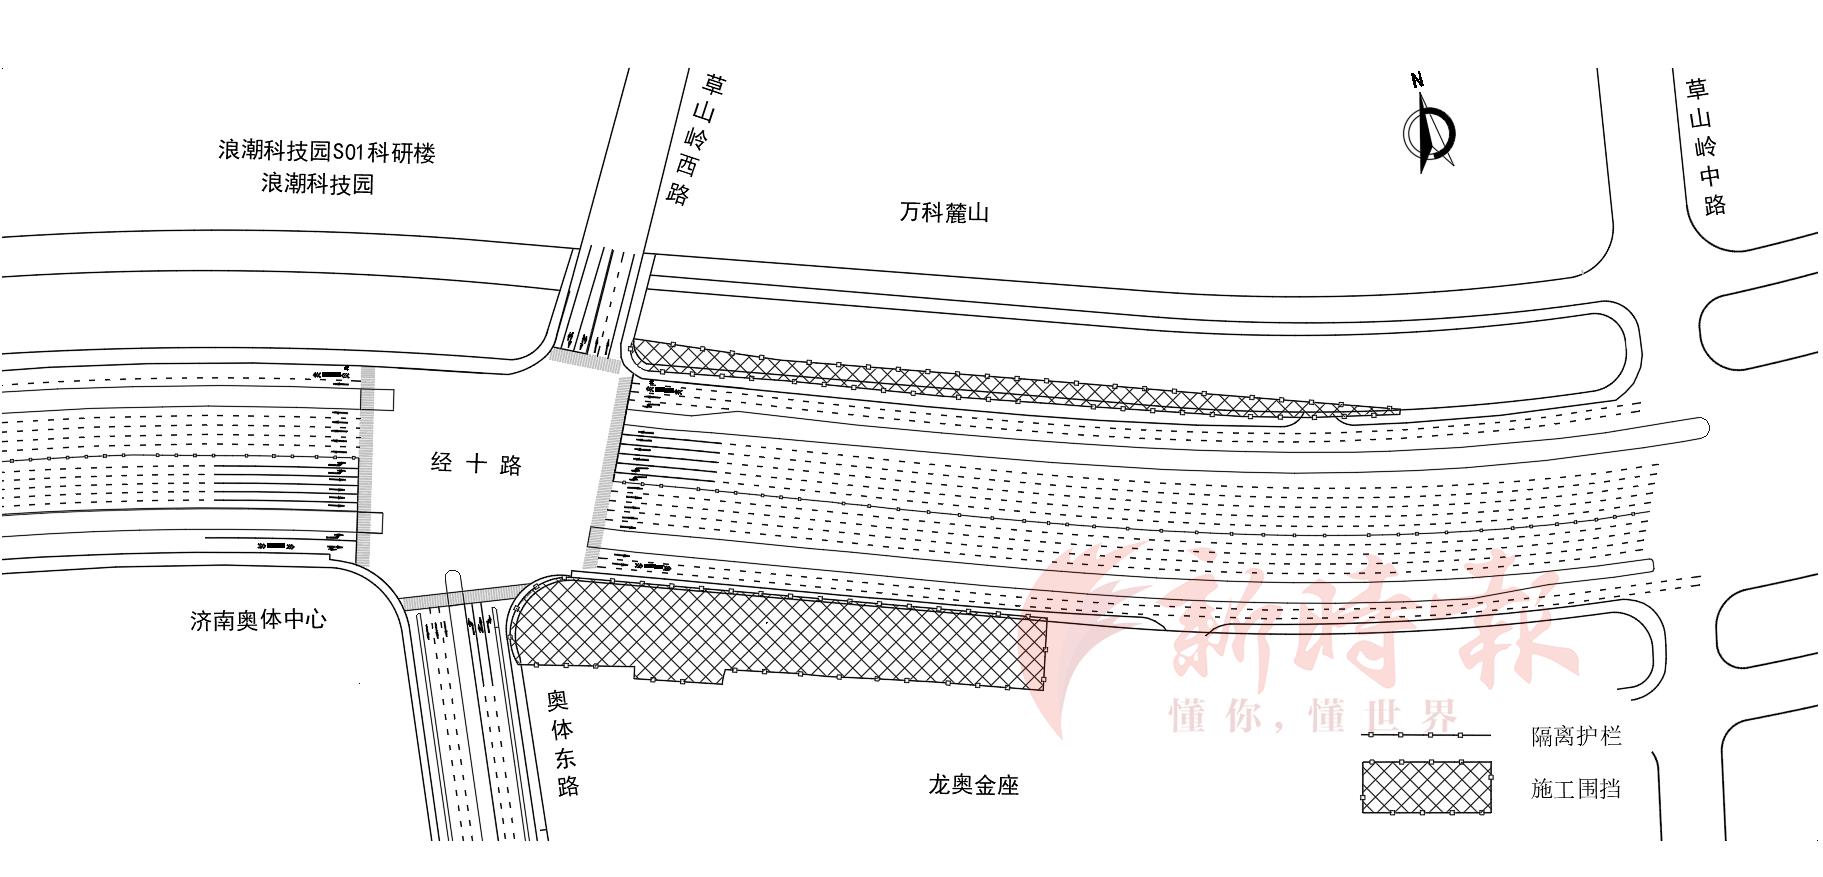 济南地铁4号线进展:4月23日起对经十路此处进行围挡施工